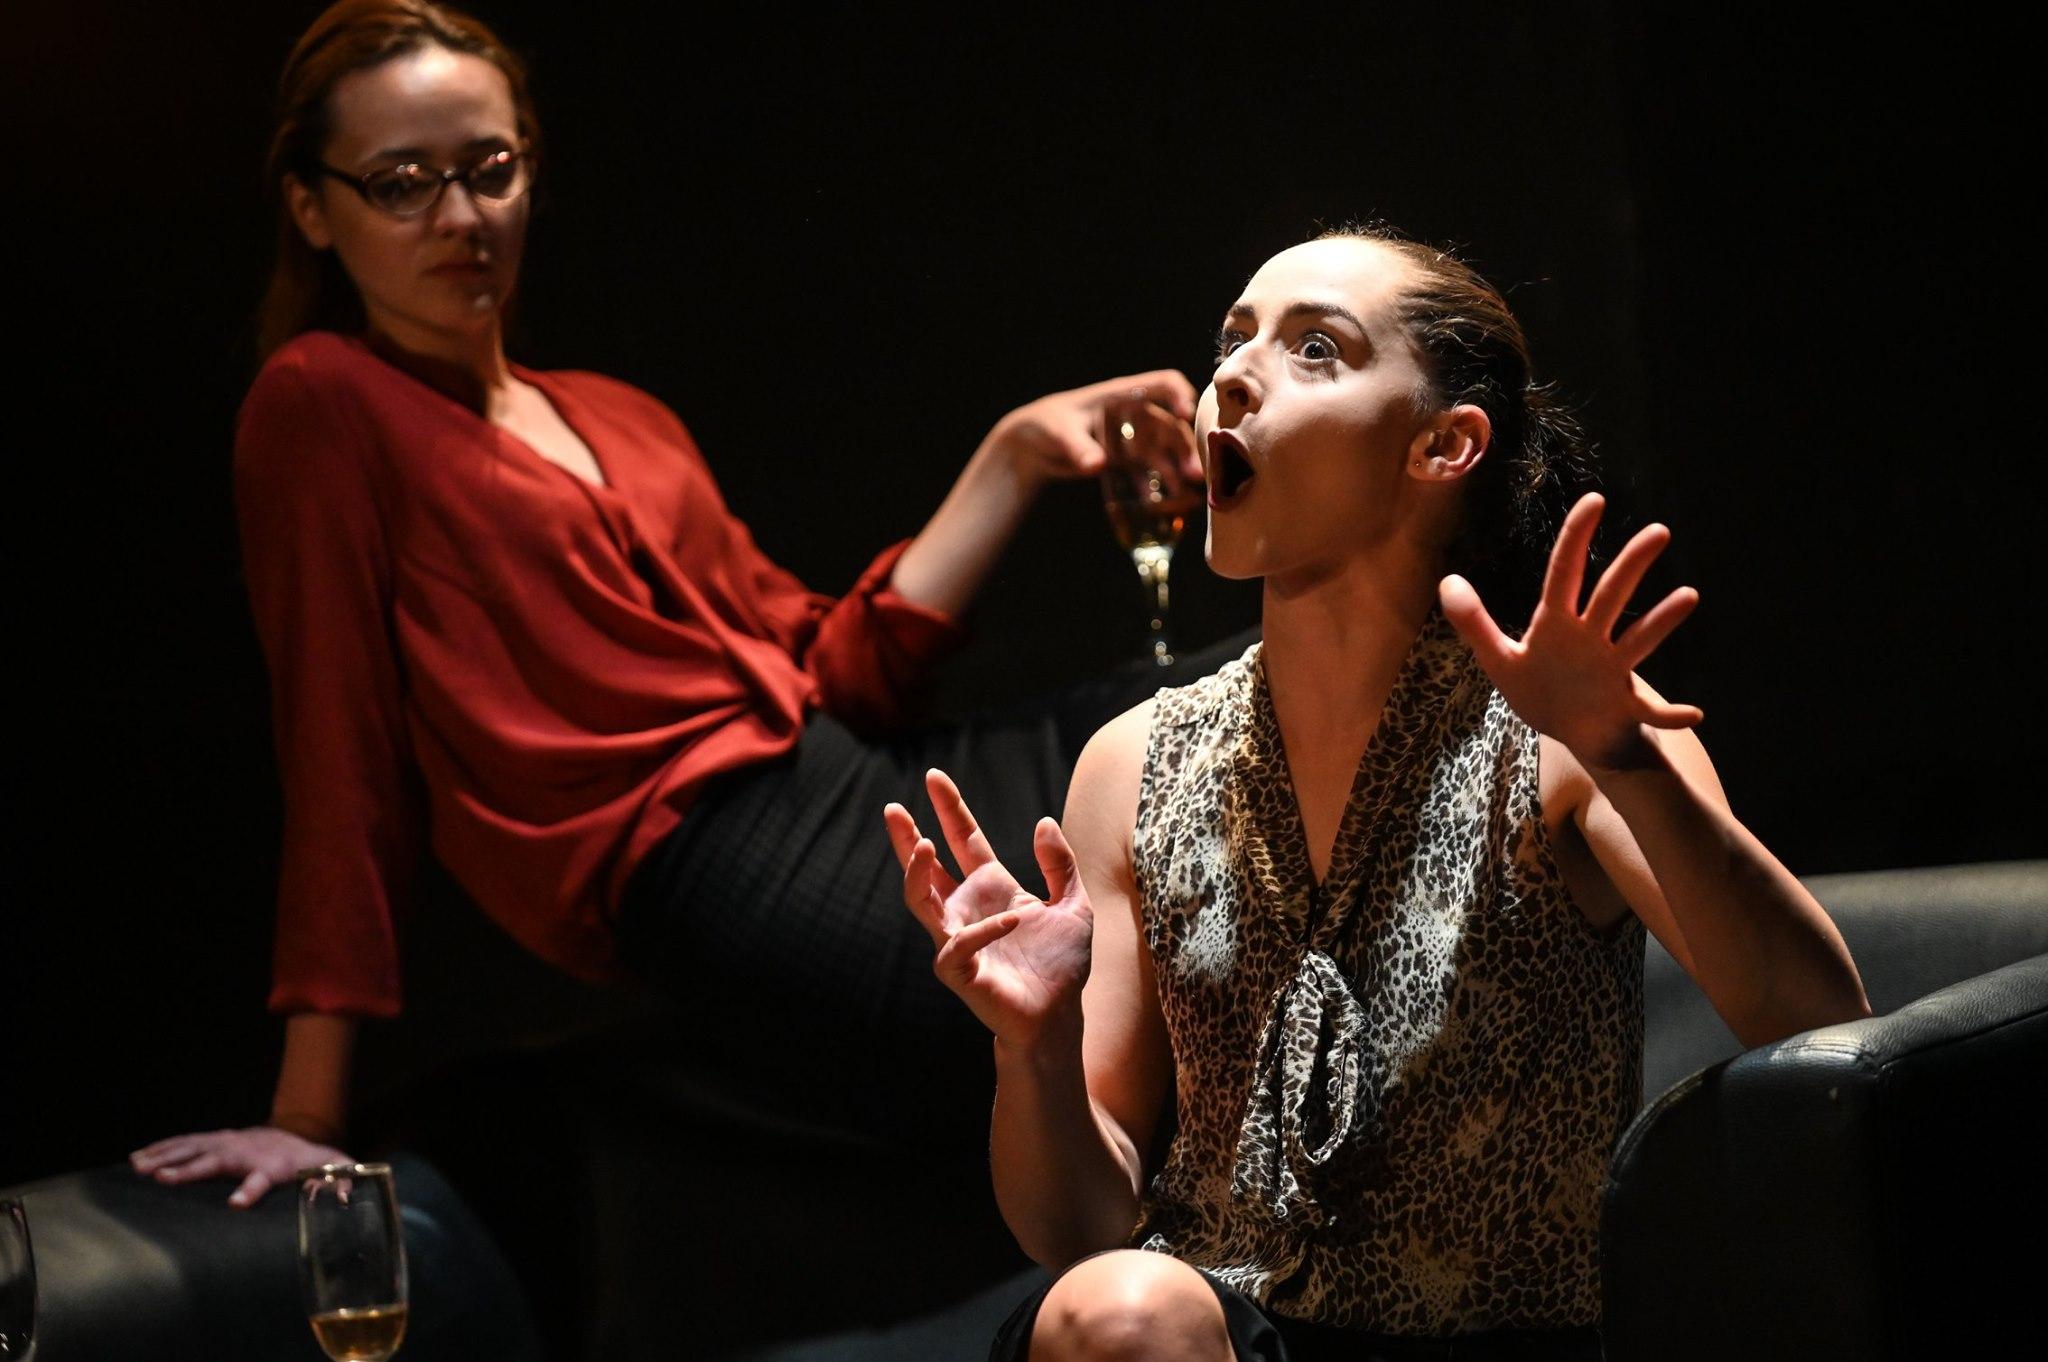 Premierele Scenei Digitale din luna martie completează repertoriul online propus de TNRS